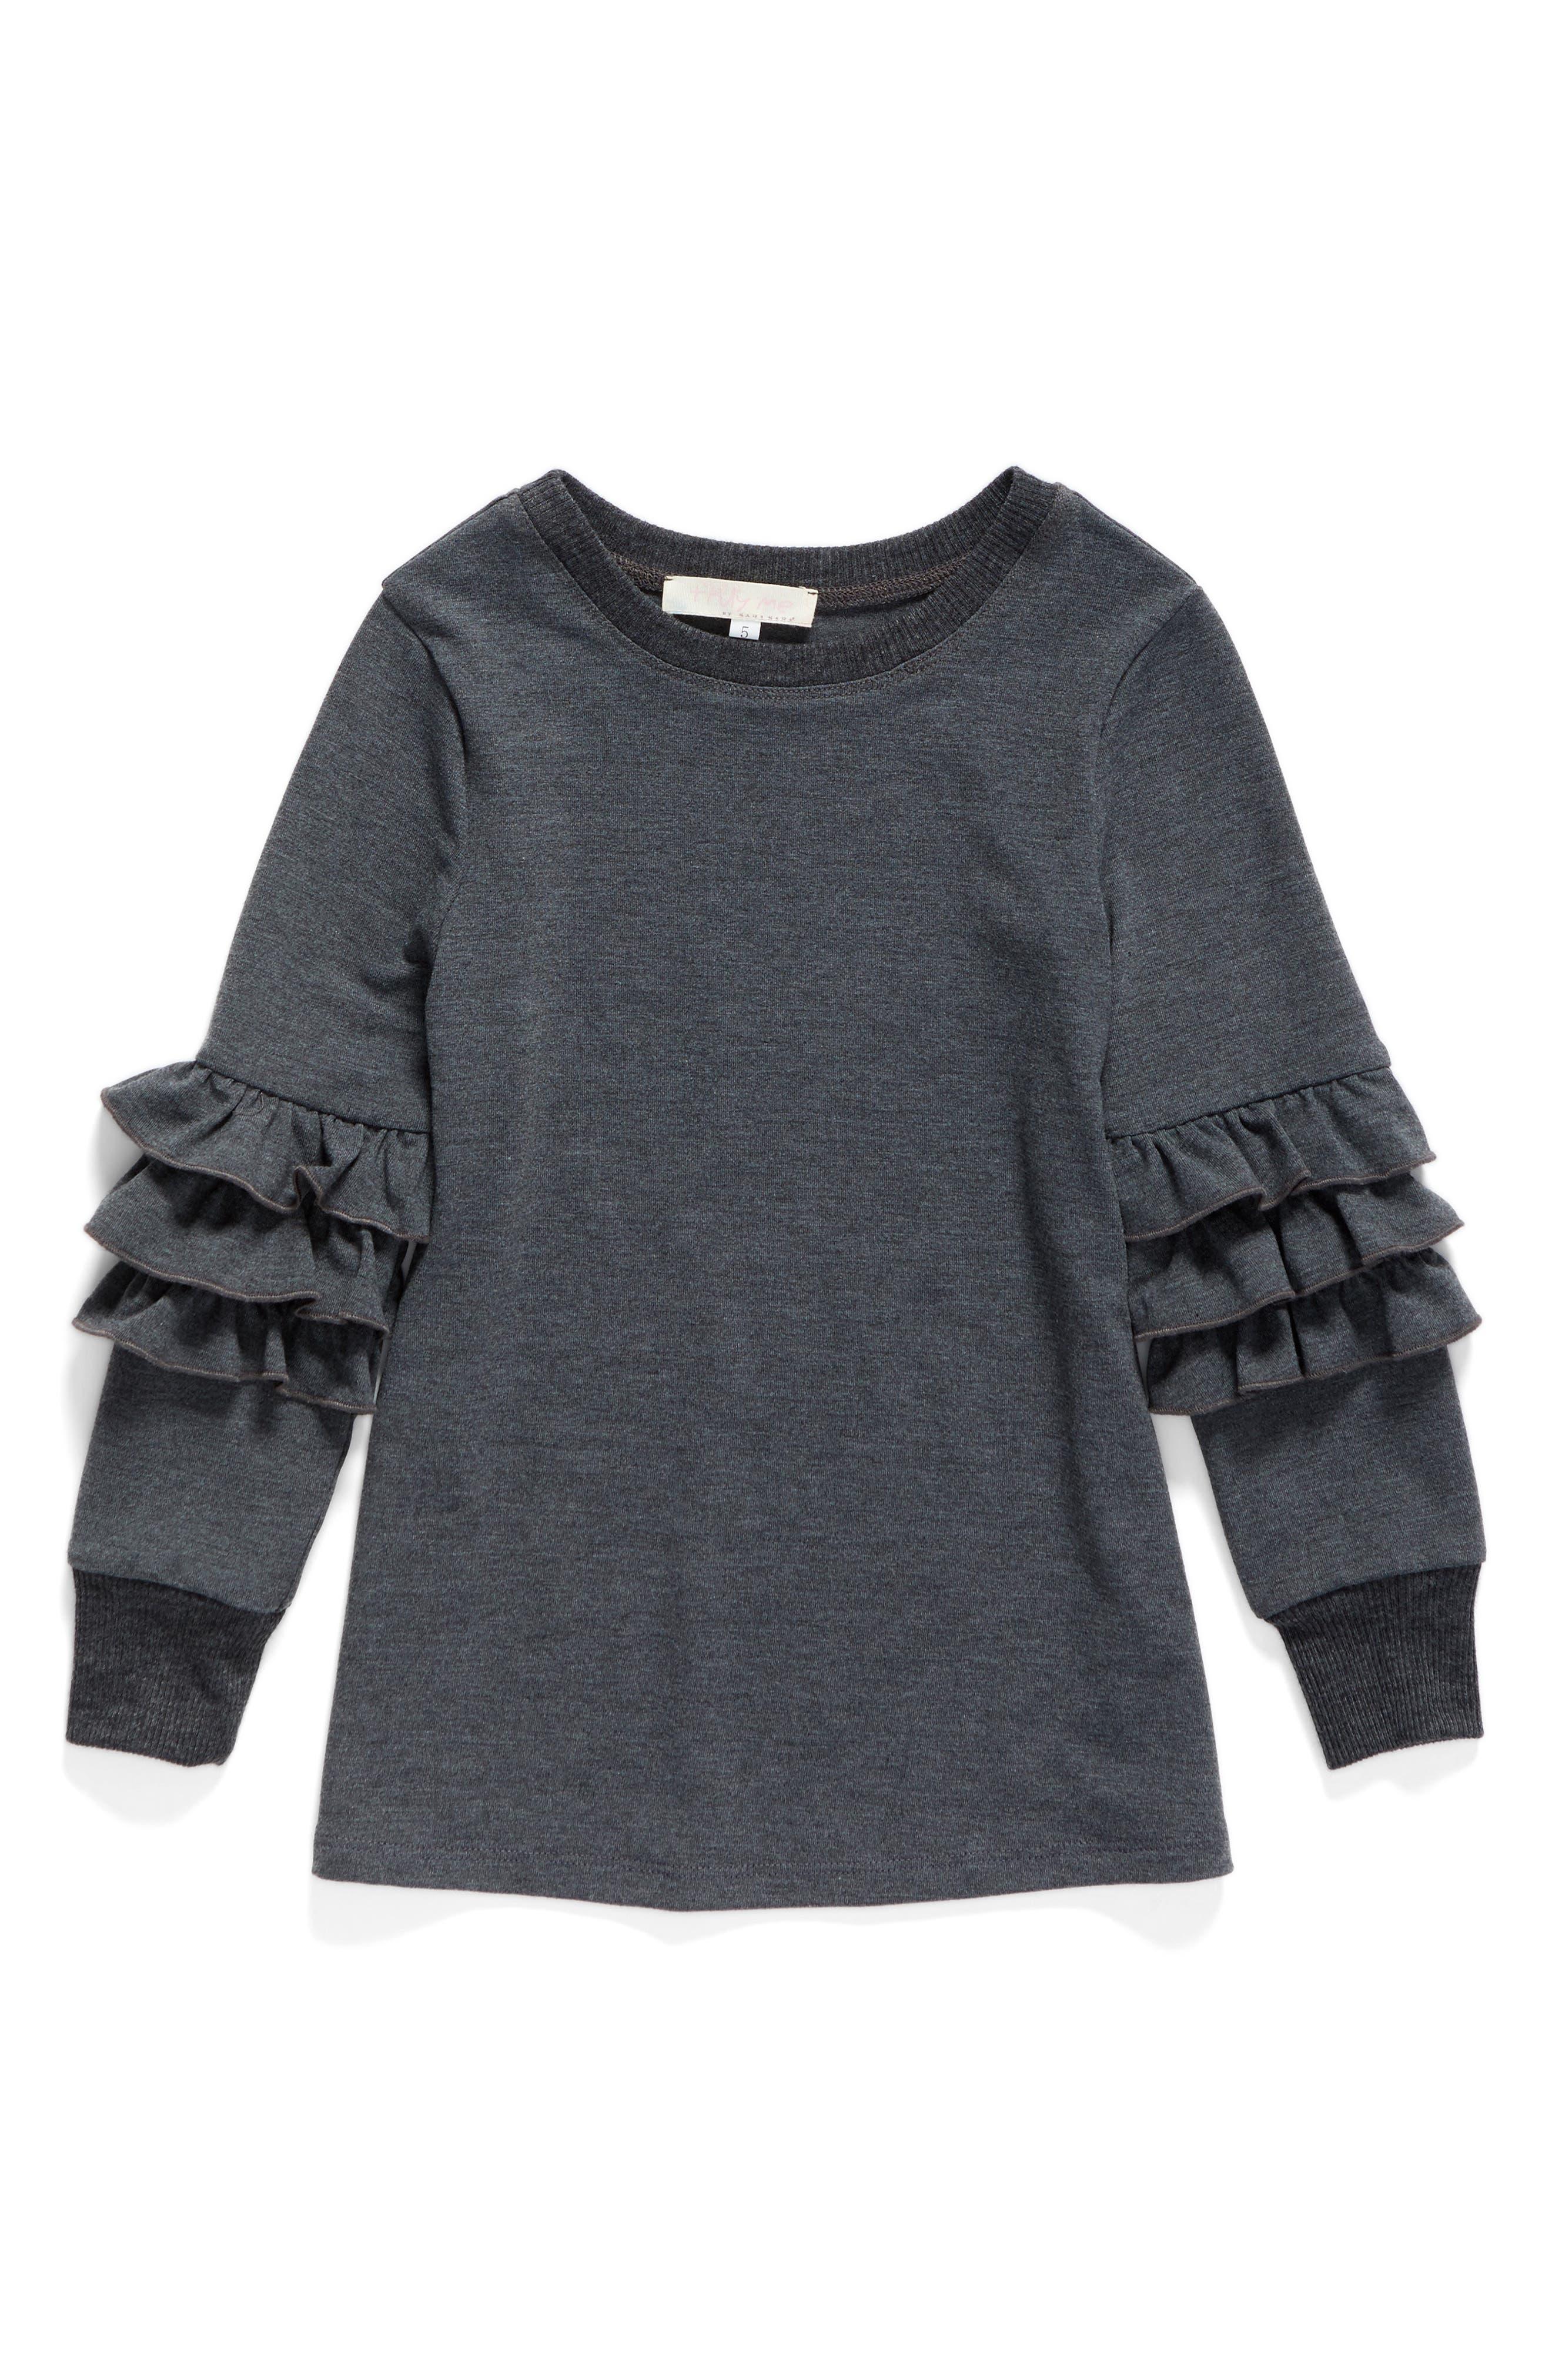 Ruffle Sleeve Sweatshirt,                         Main,                         color, 023